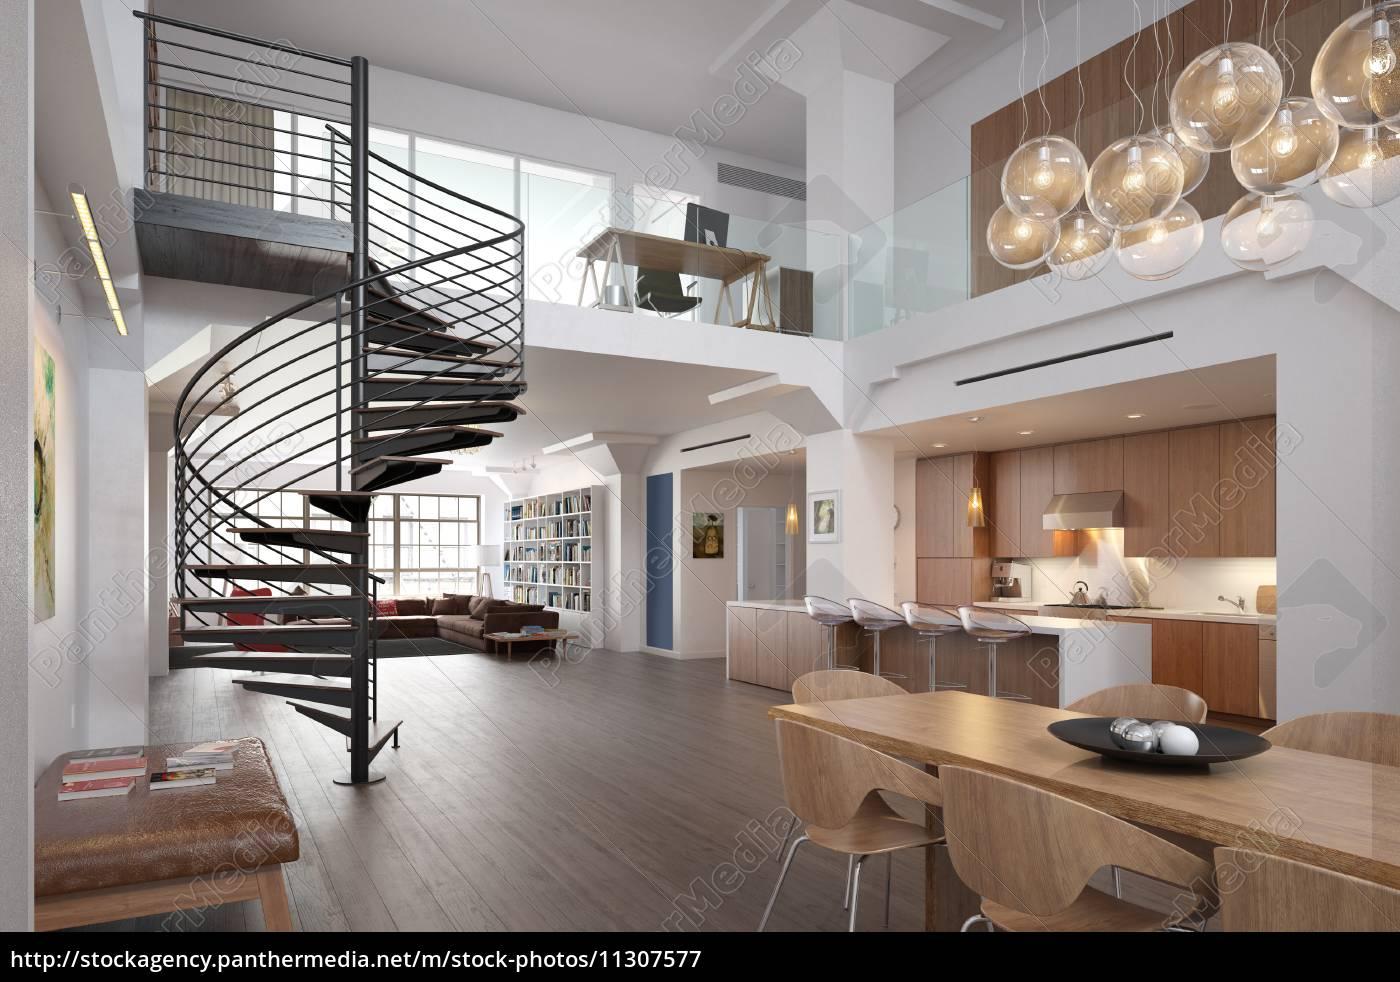 Moderne Wohnung moderne wohnung - lizenzfreies bild - #11307577 - bildagentur